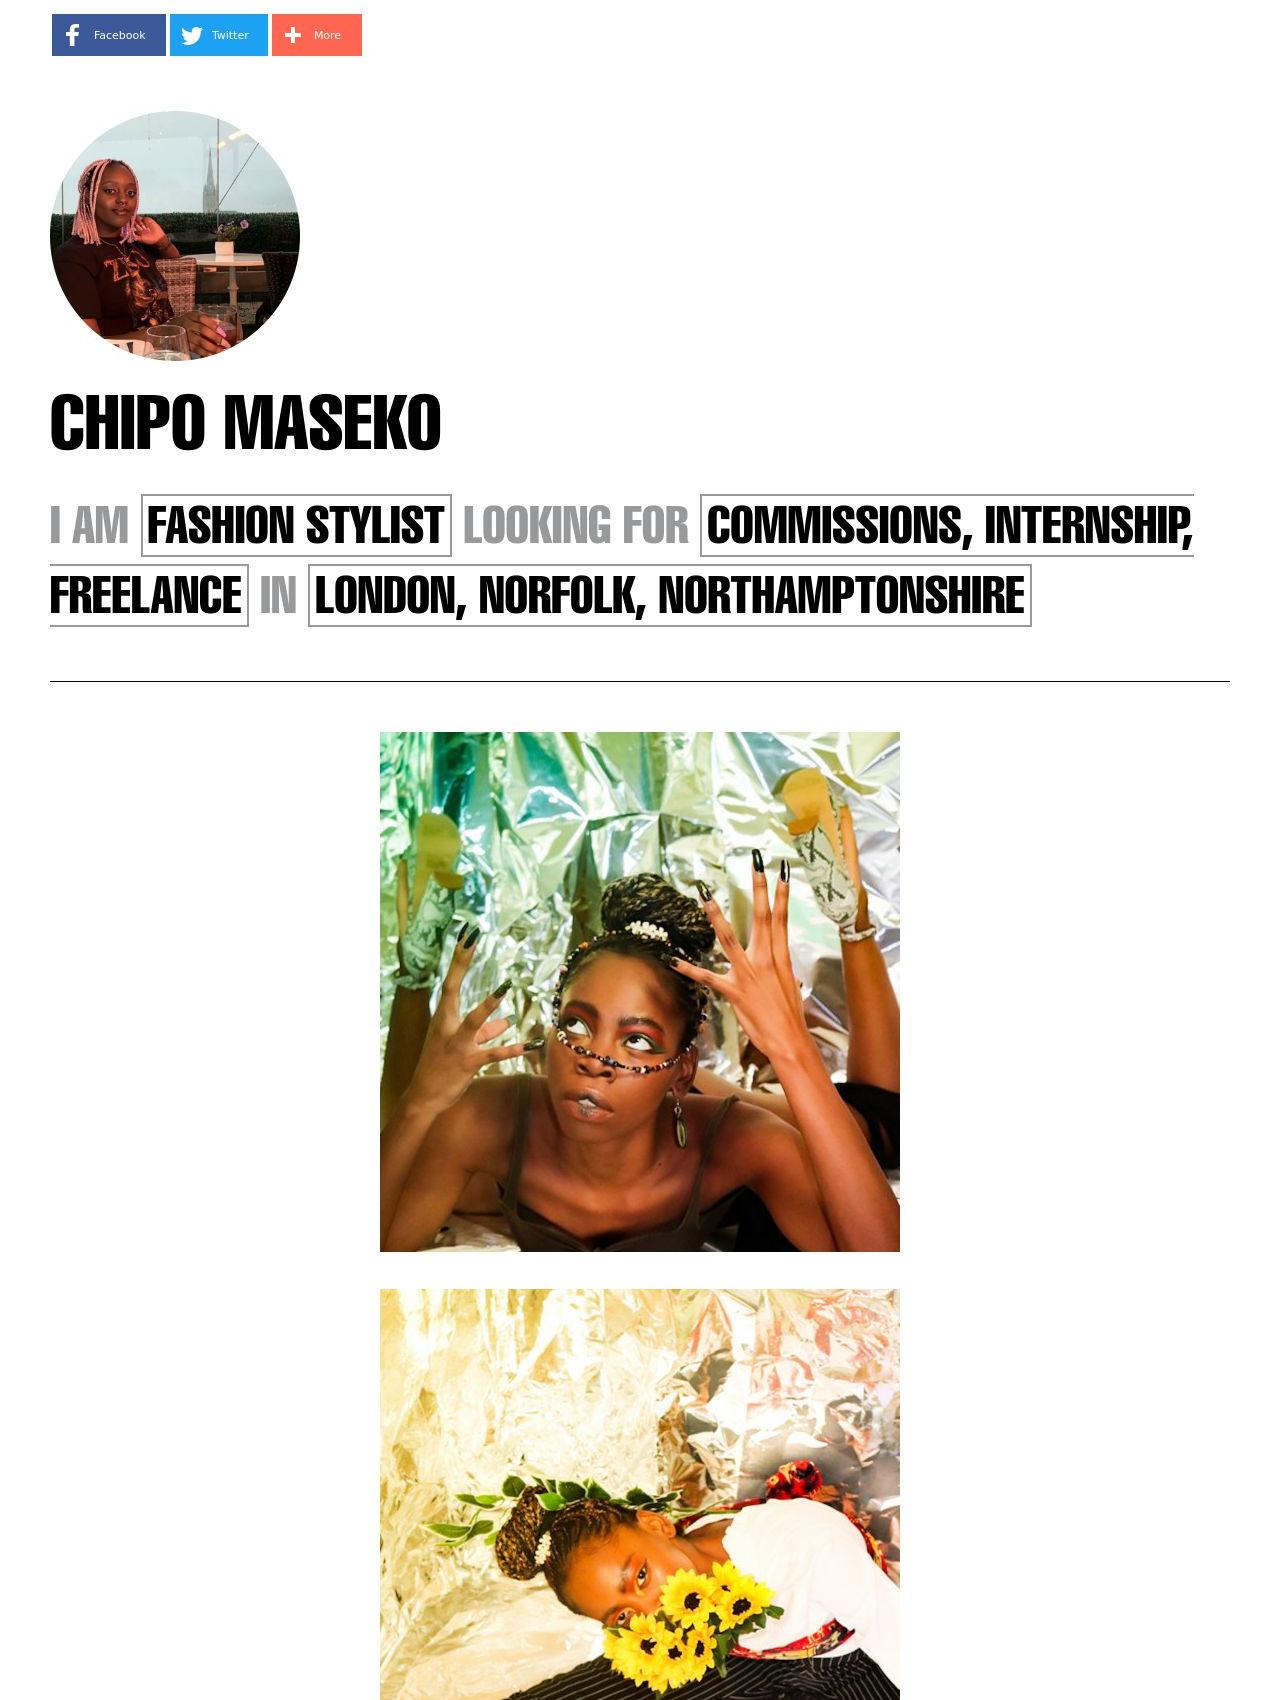 Chipo Maseko